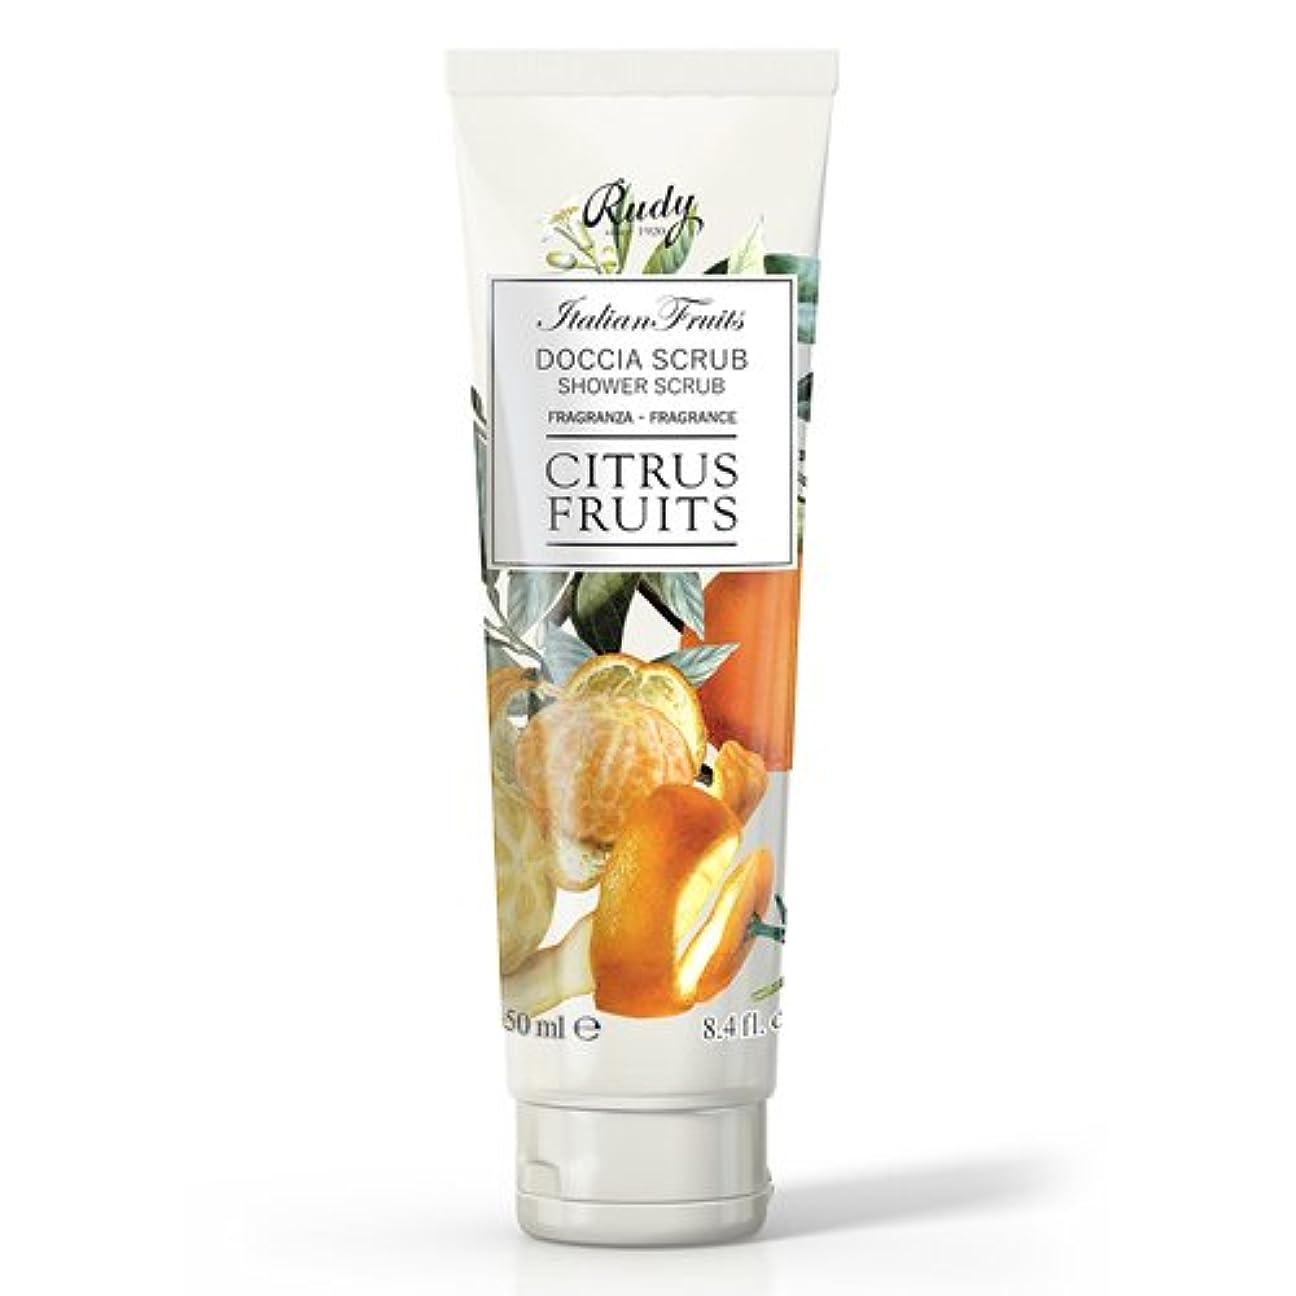 ポーチ鼻進捗RUDY Italian Fruits Series ルディ イタリアンフルーツ Shower Scrub シャワースクラブ Citrus Fruits